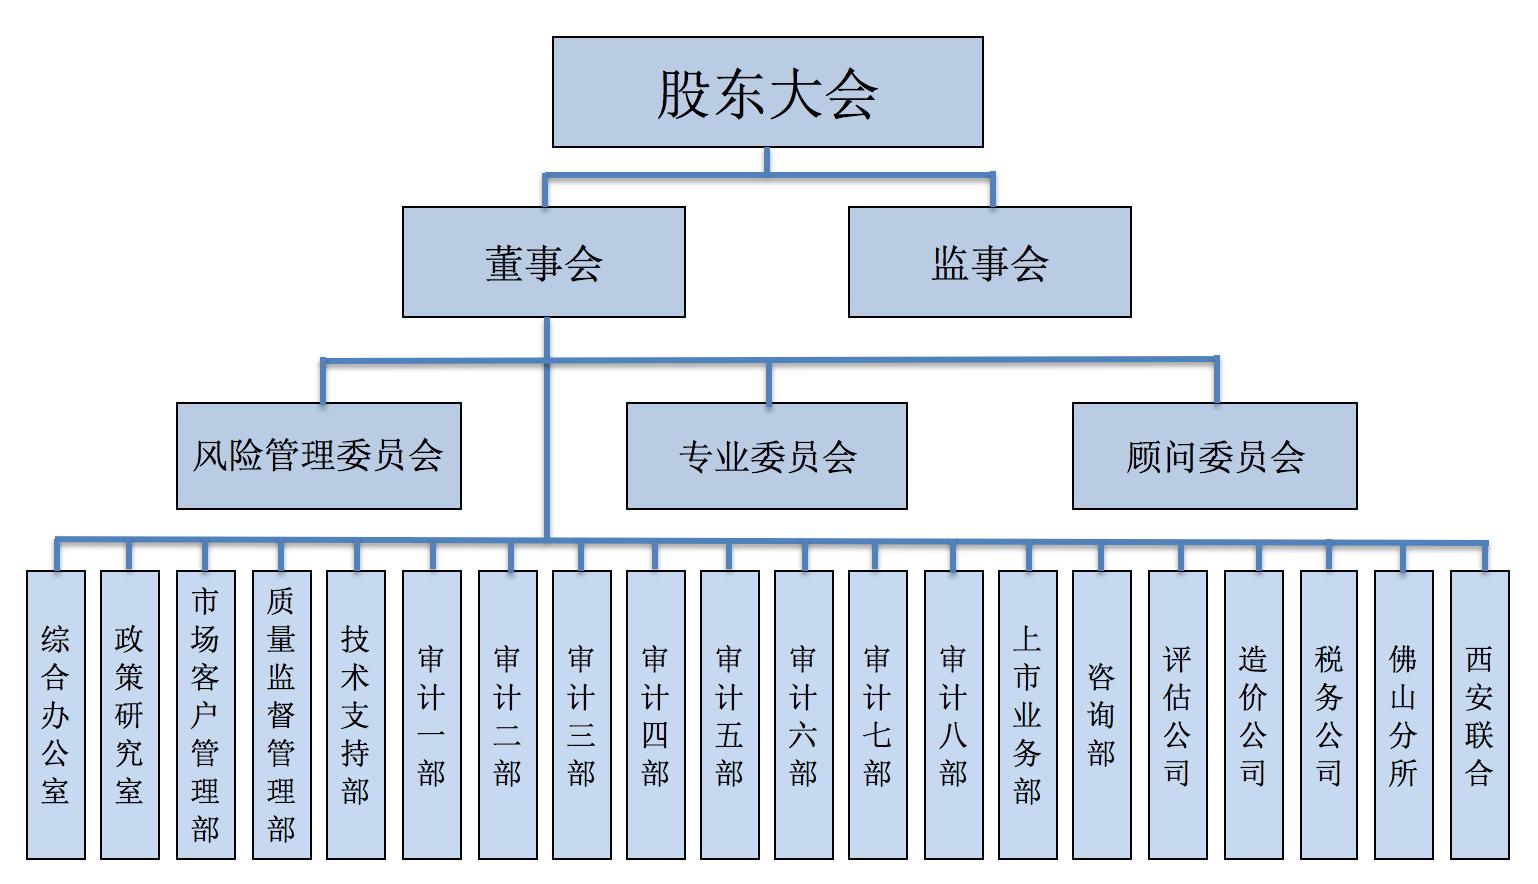 公司组织机构.png